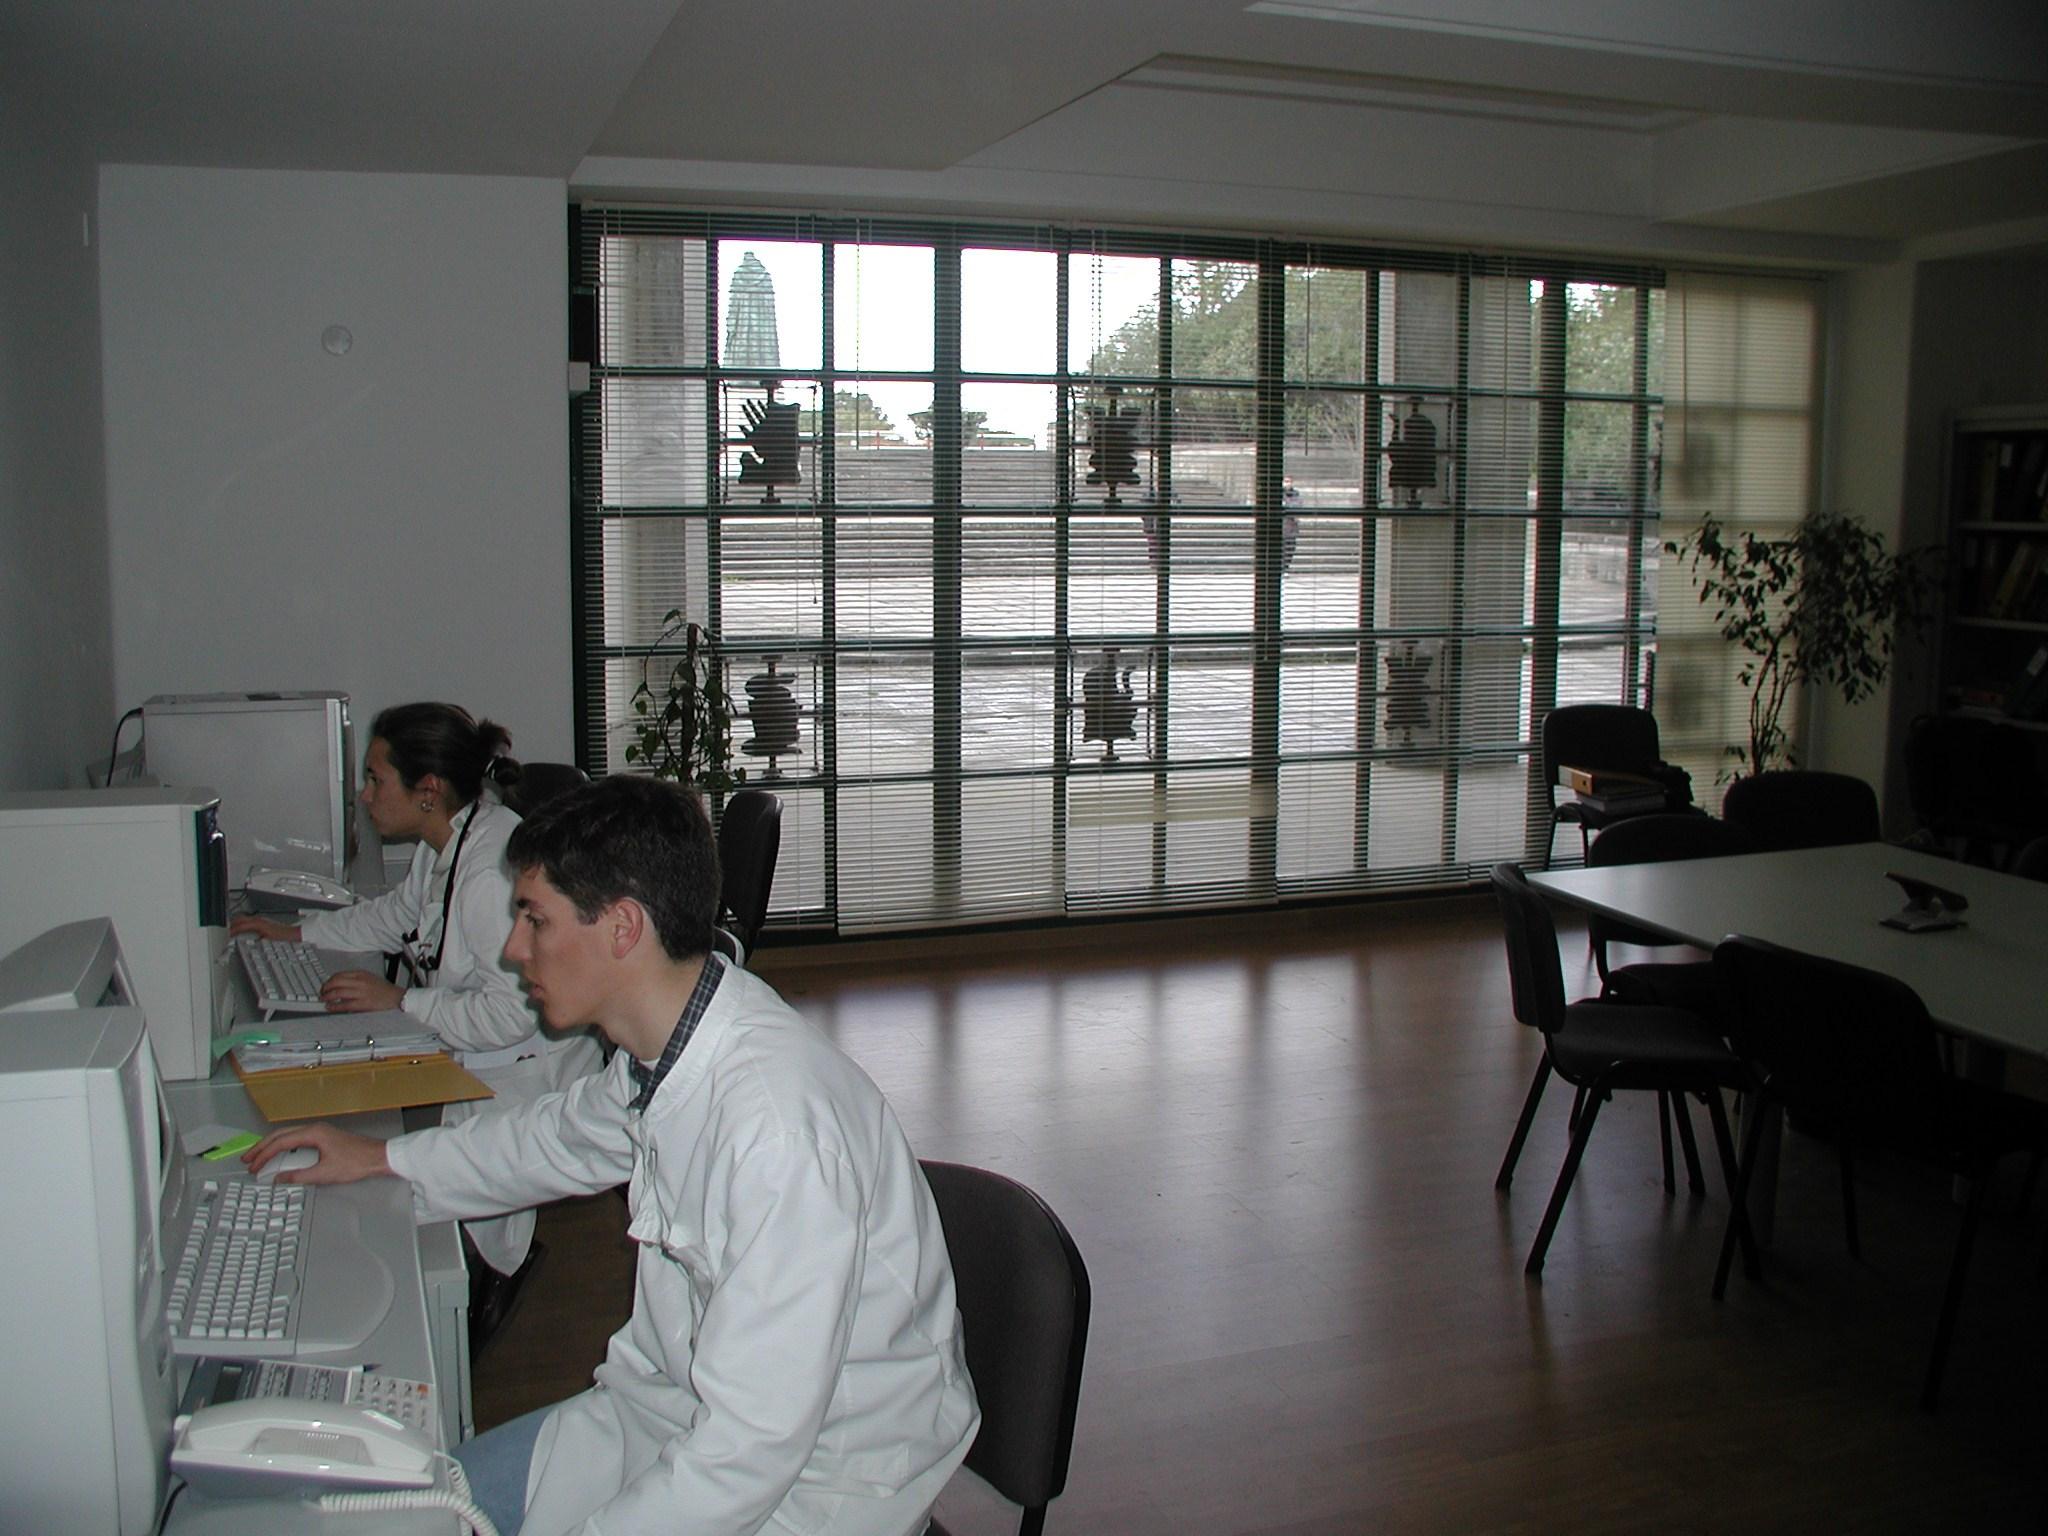 22-04-sala-de-direc3a7c3a3o-aefml-2002.jpg